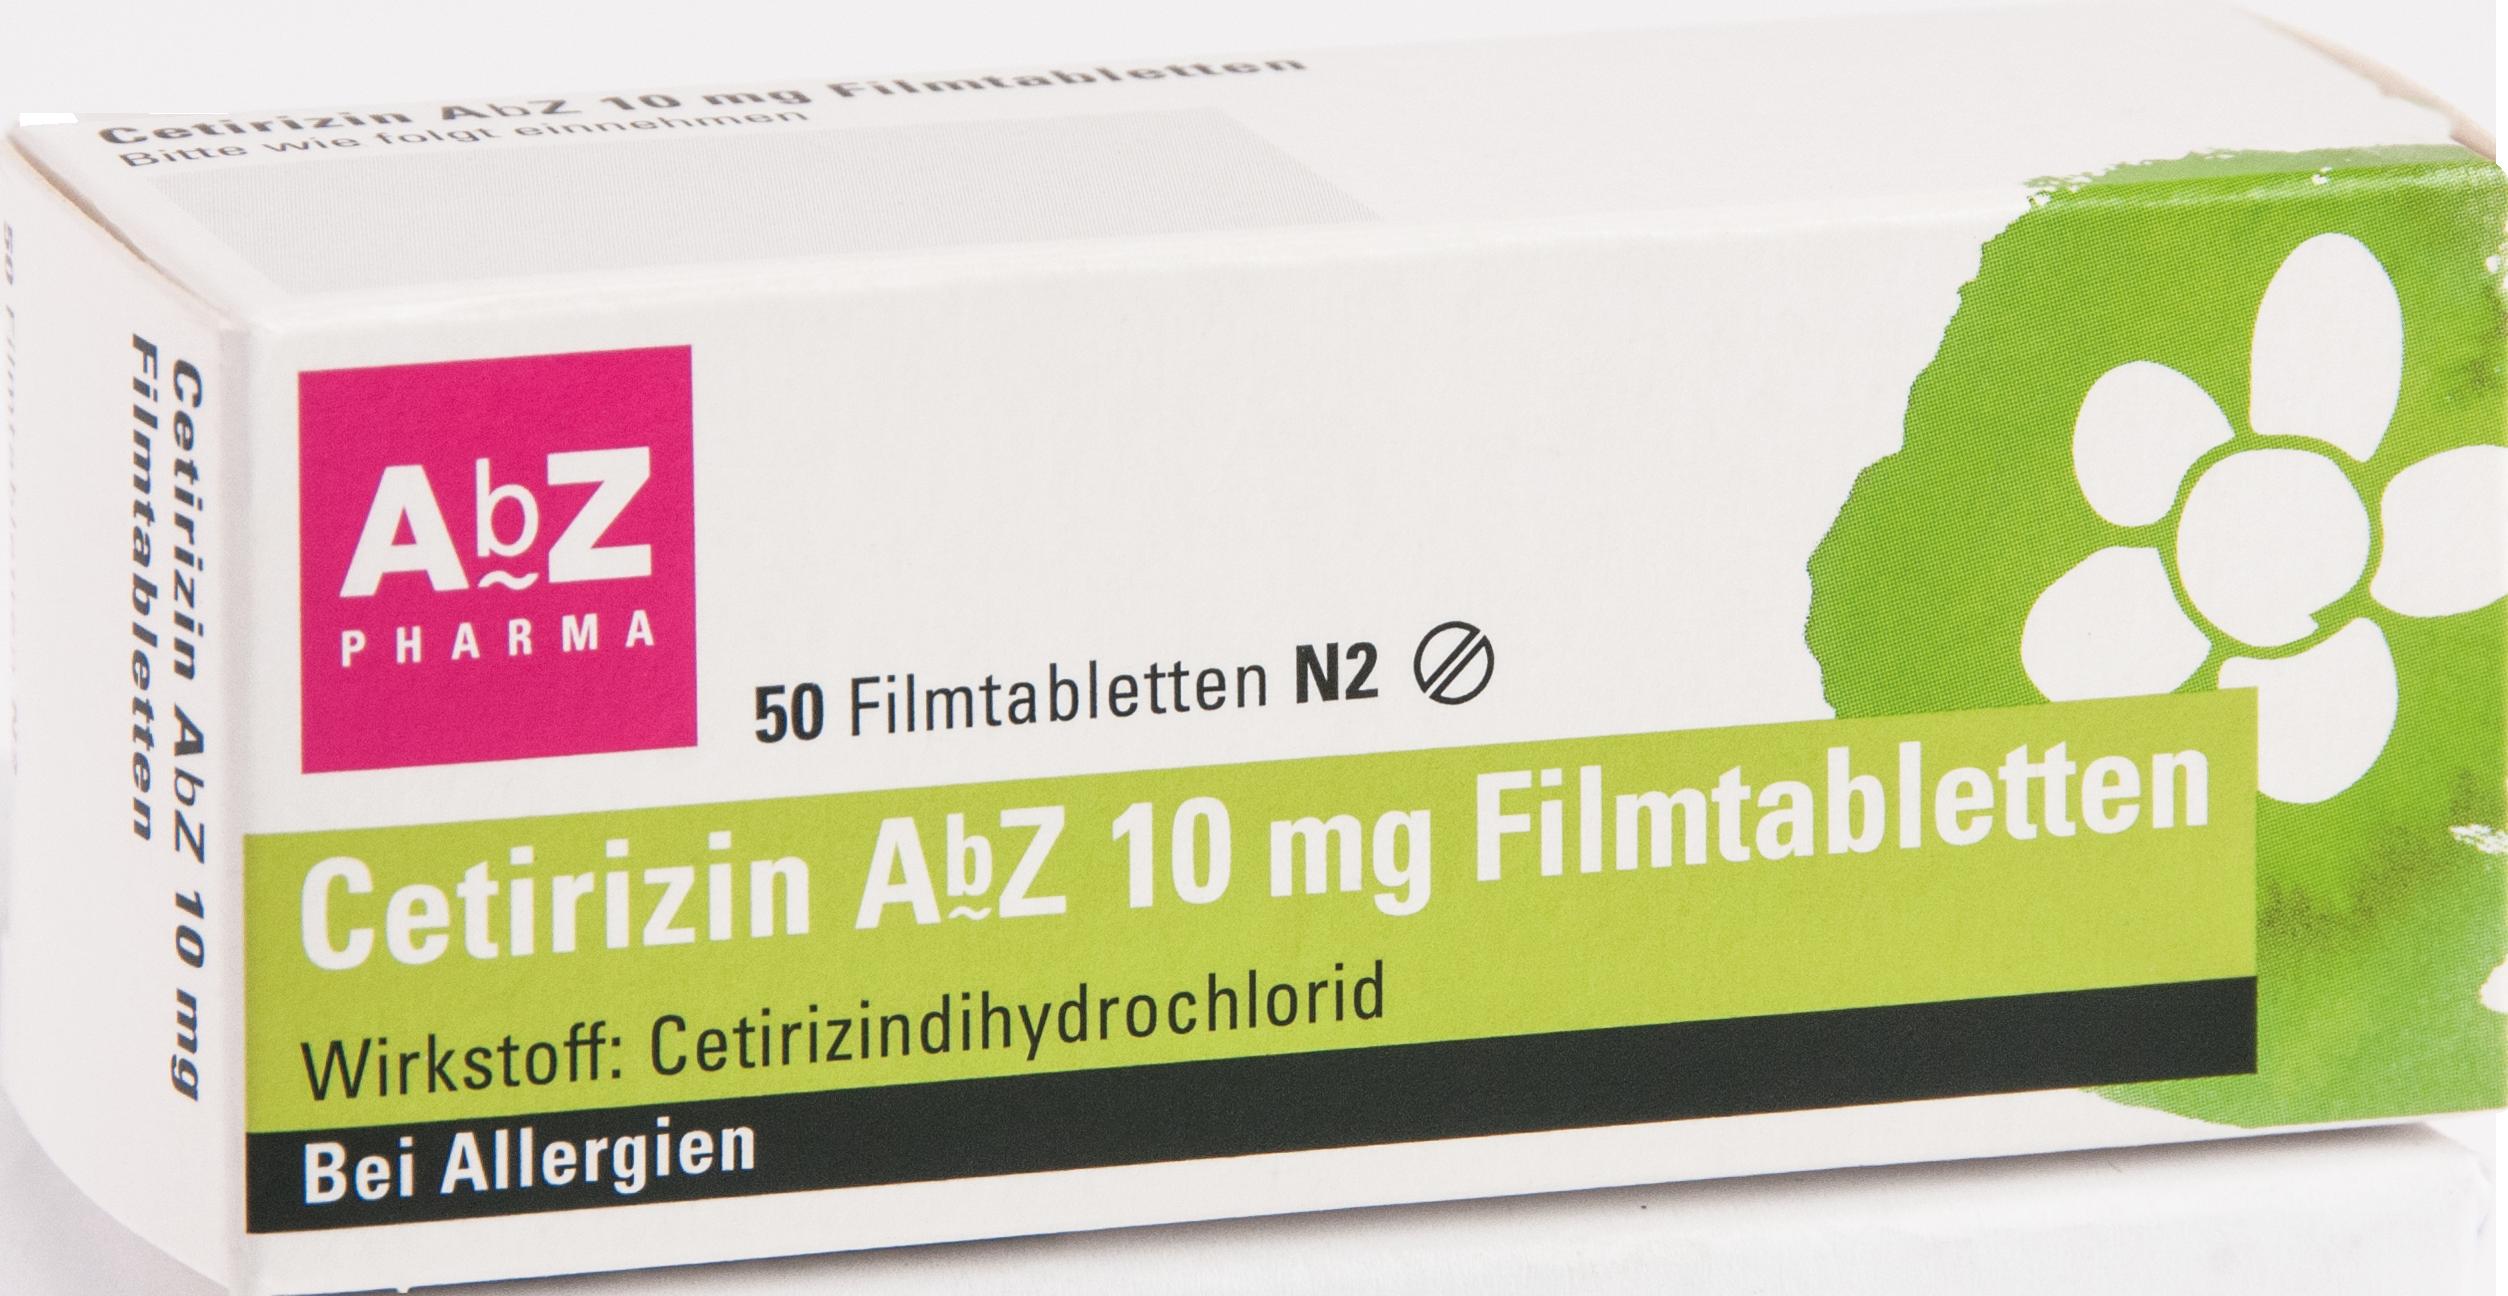 Cetirizin AbZ 10mg Filmtabletten